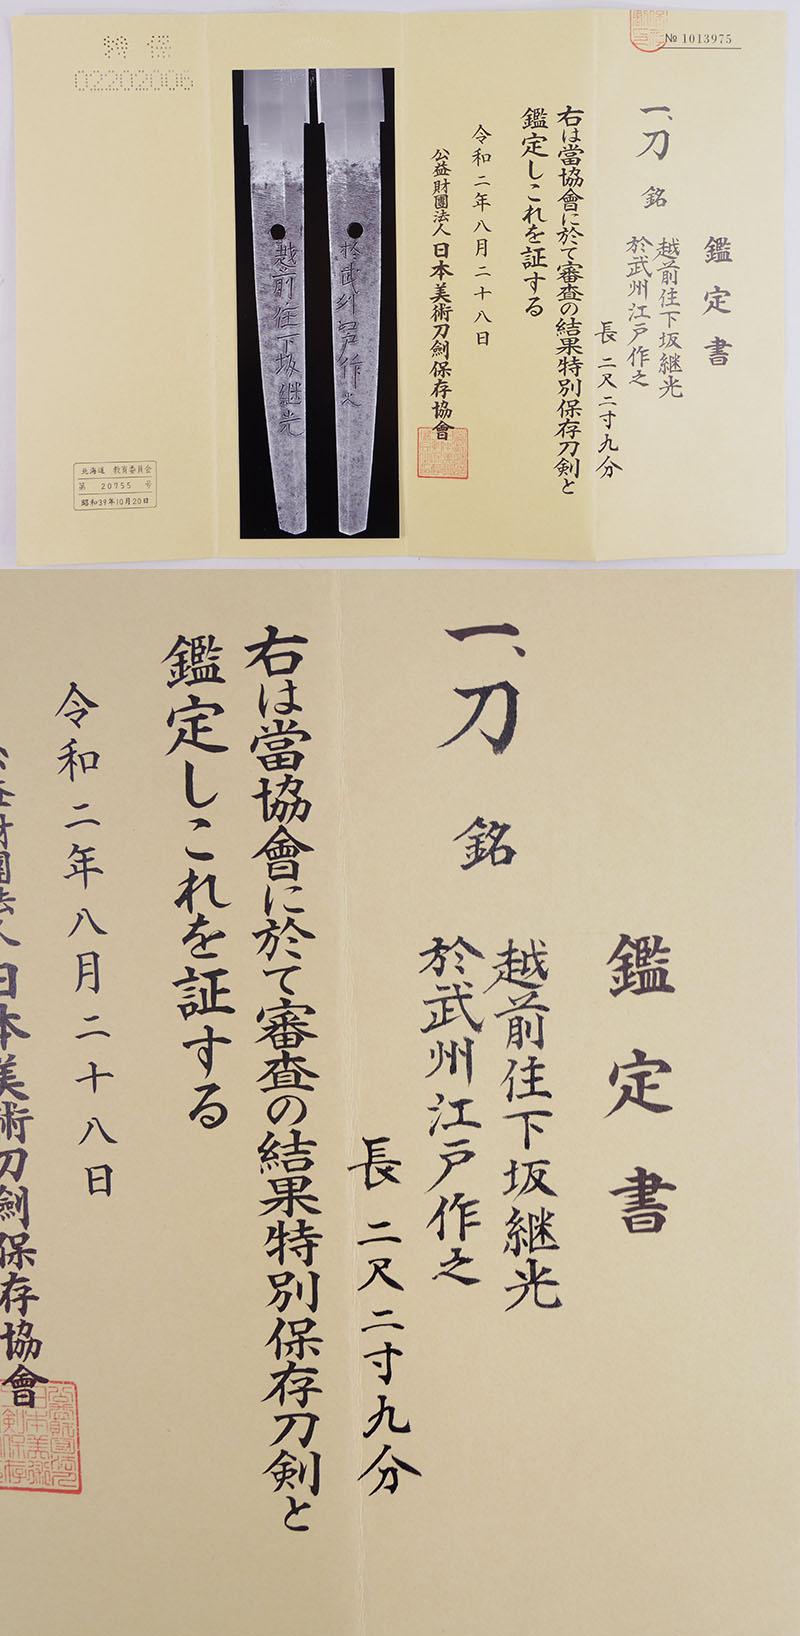 刀 越前住下坂継光  於武州江戸作之 Picture of Certificate